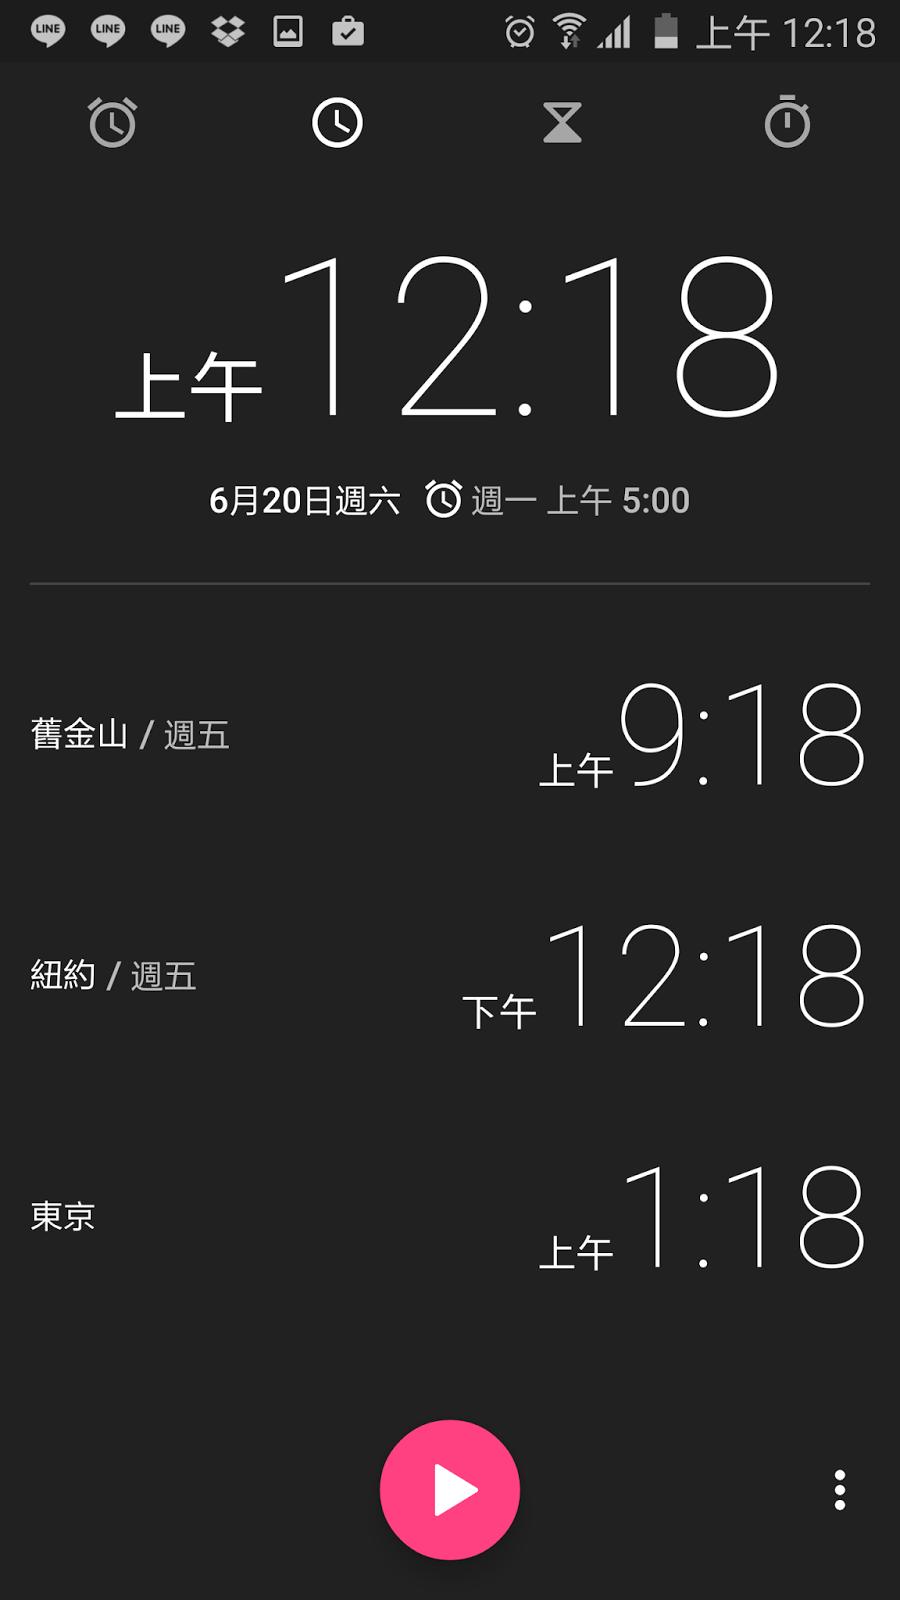 下載Google 獨家時鐘App:極簡介面隨時間自動變色